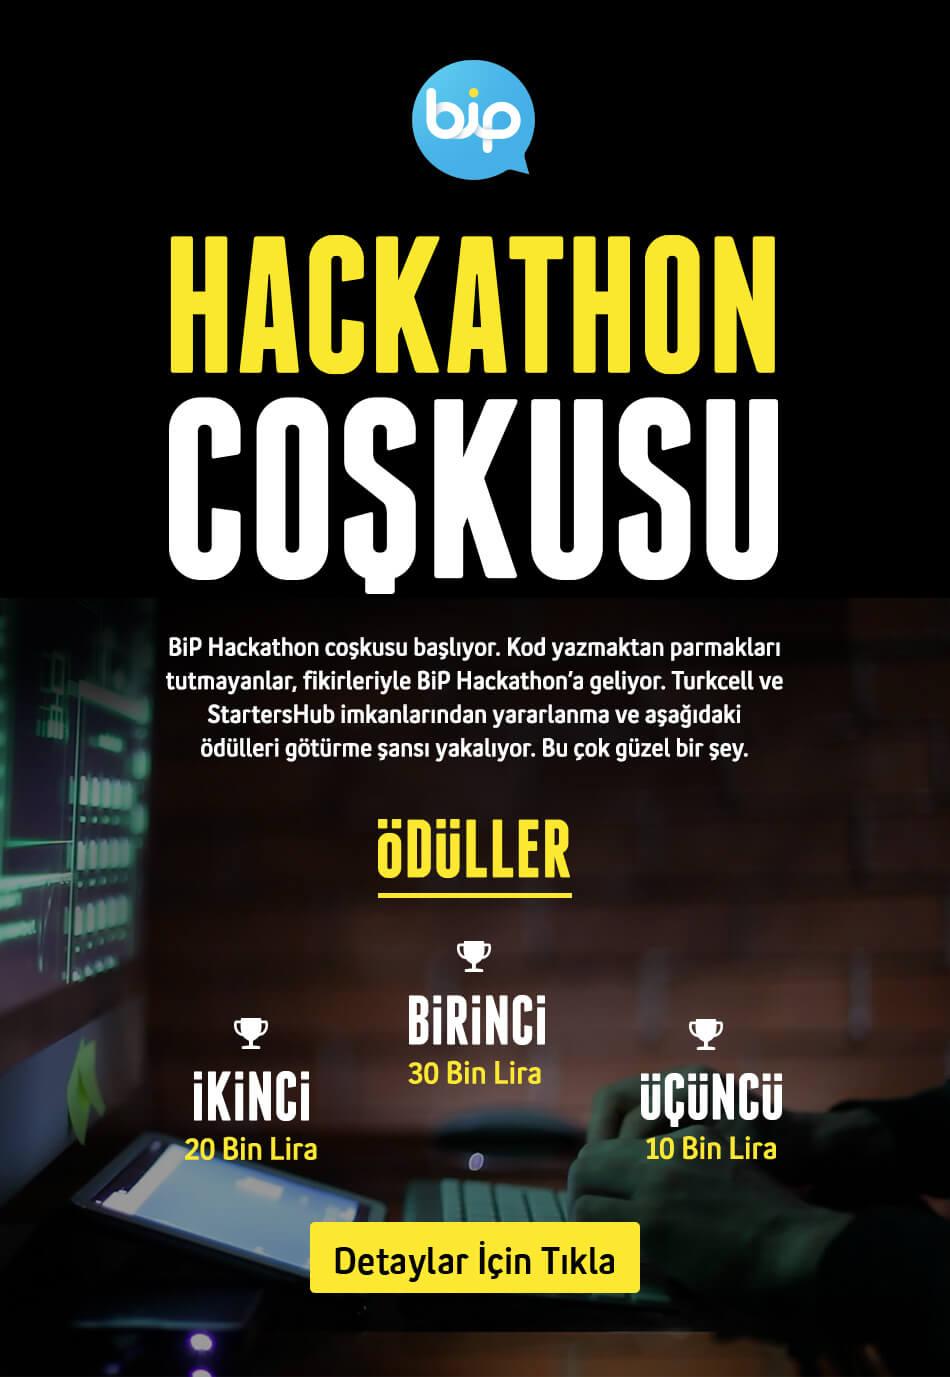 Turkcell'den ödüllü Kod geliştirme etkinliği!